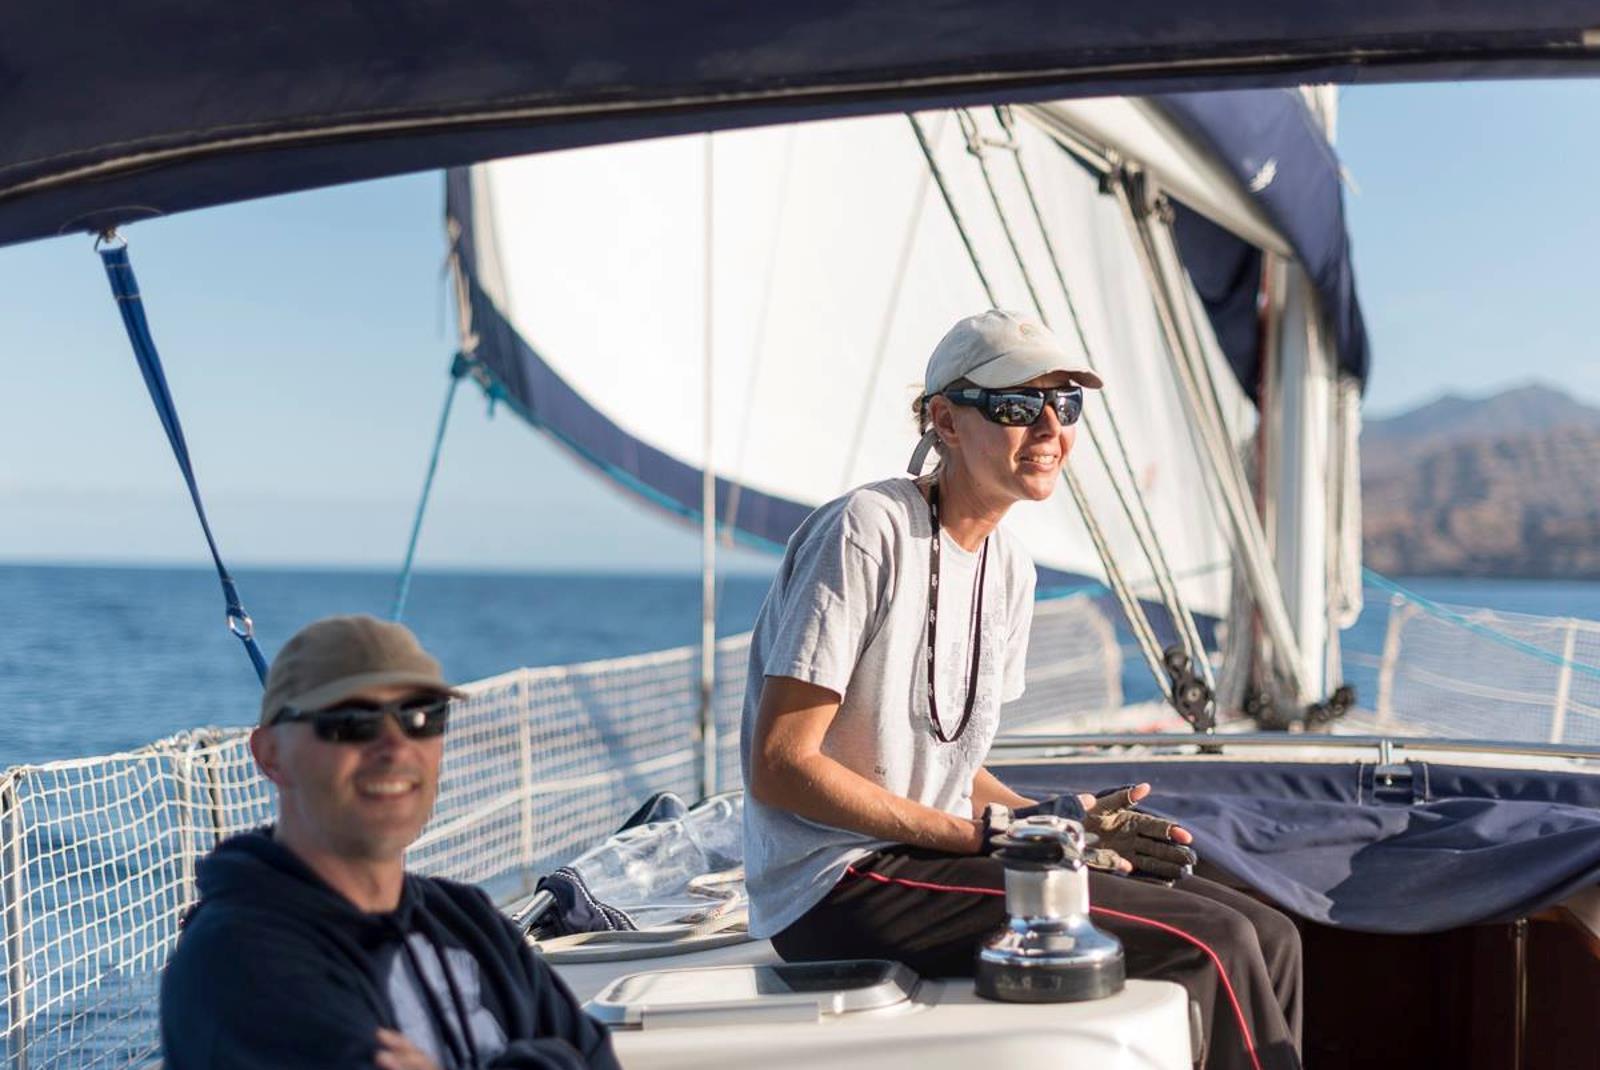 Sailing-Boat-Trip-from-Puerto-de-Mogan-7